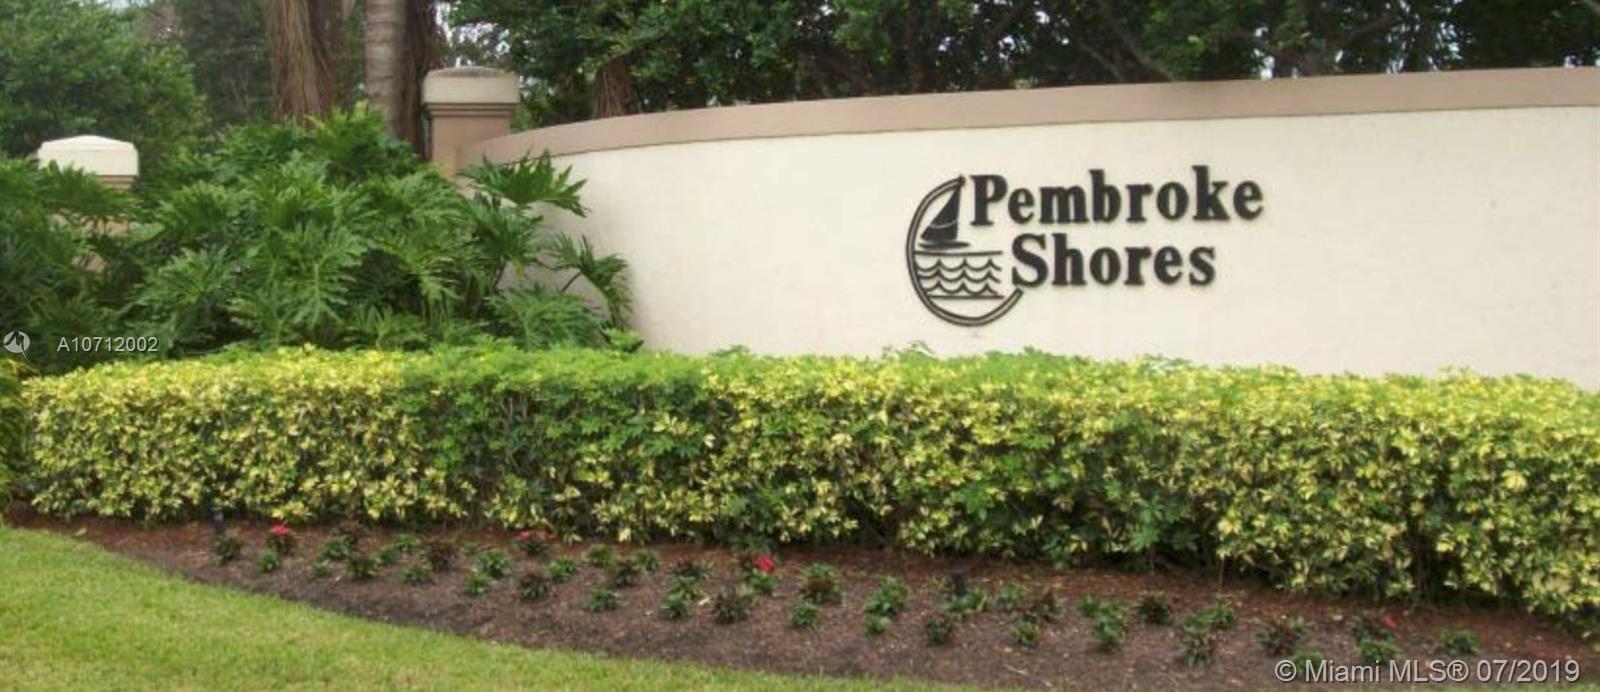 Pembroke Shores #137 - 02 - photo